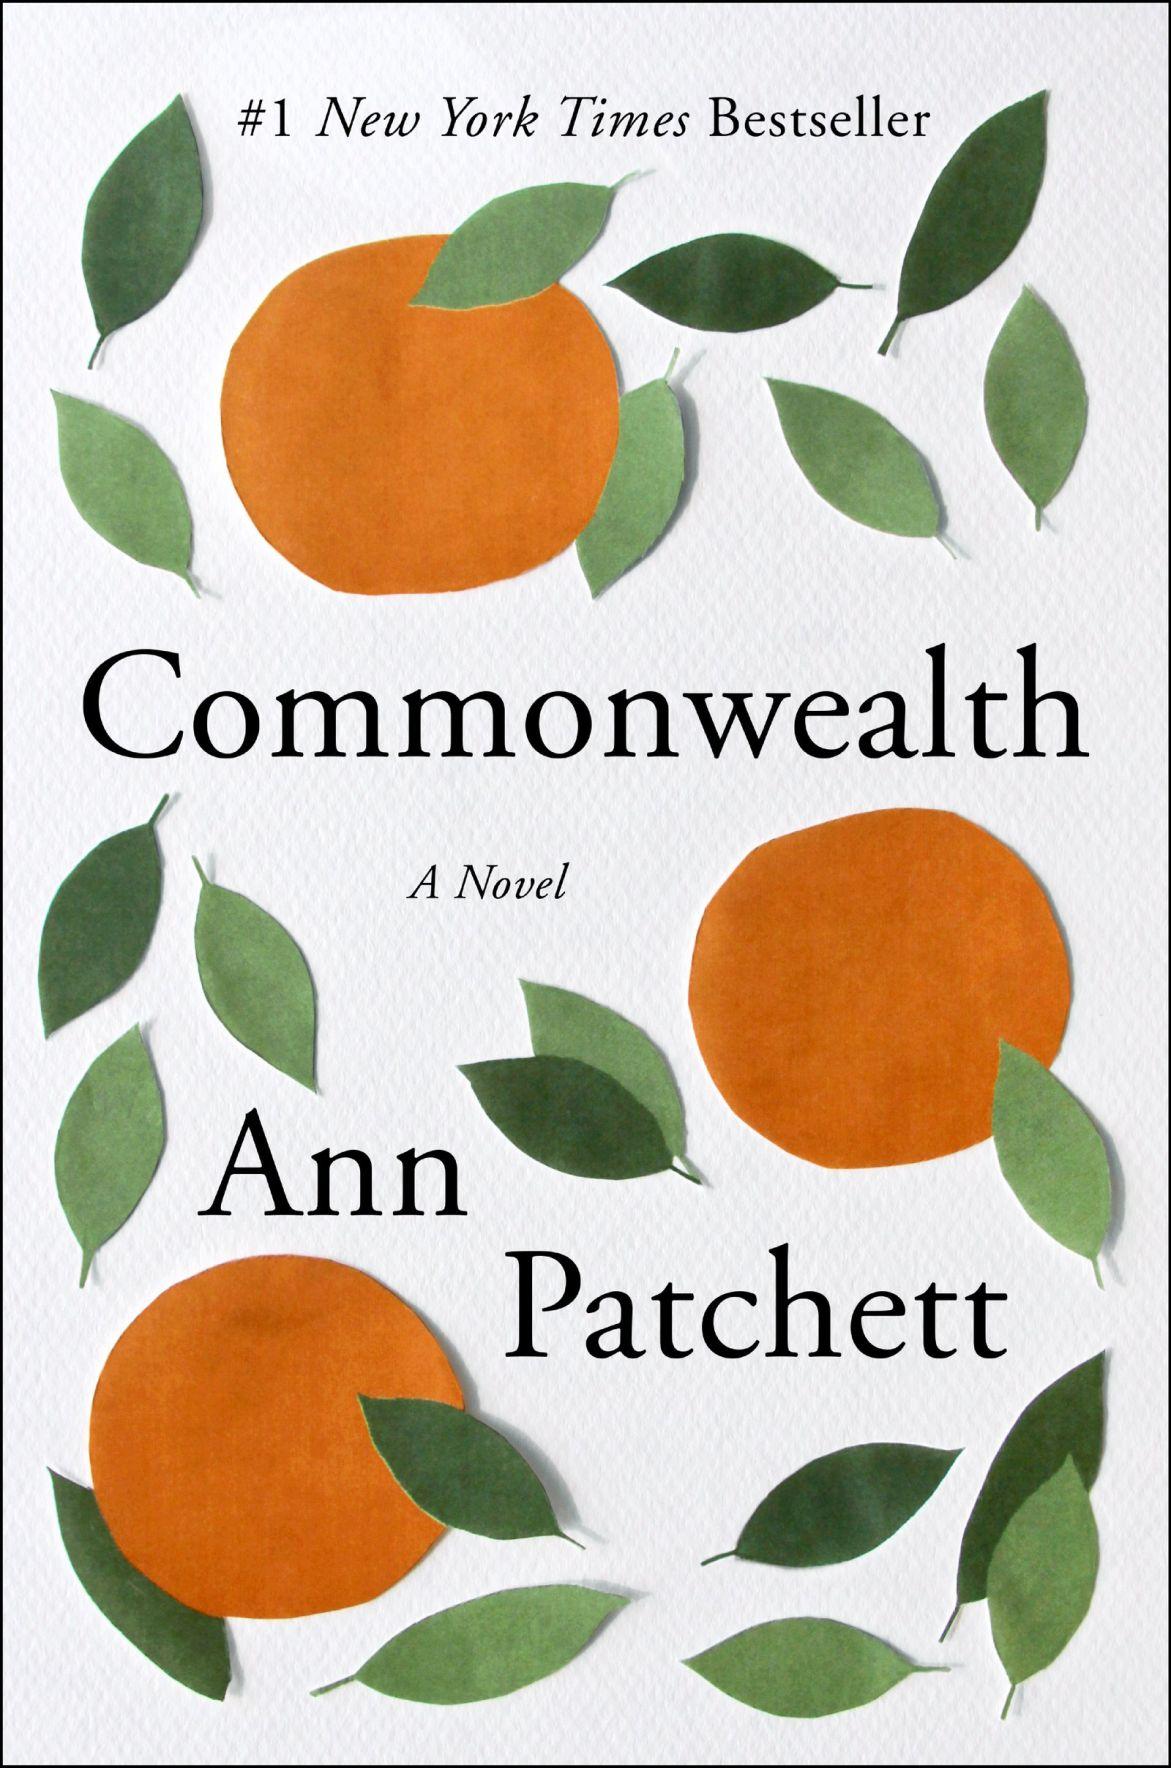 'Commonwealth'